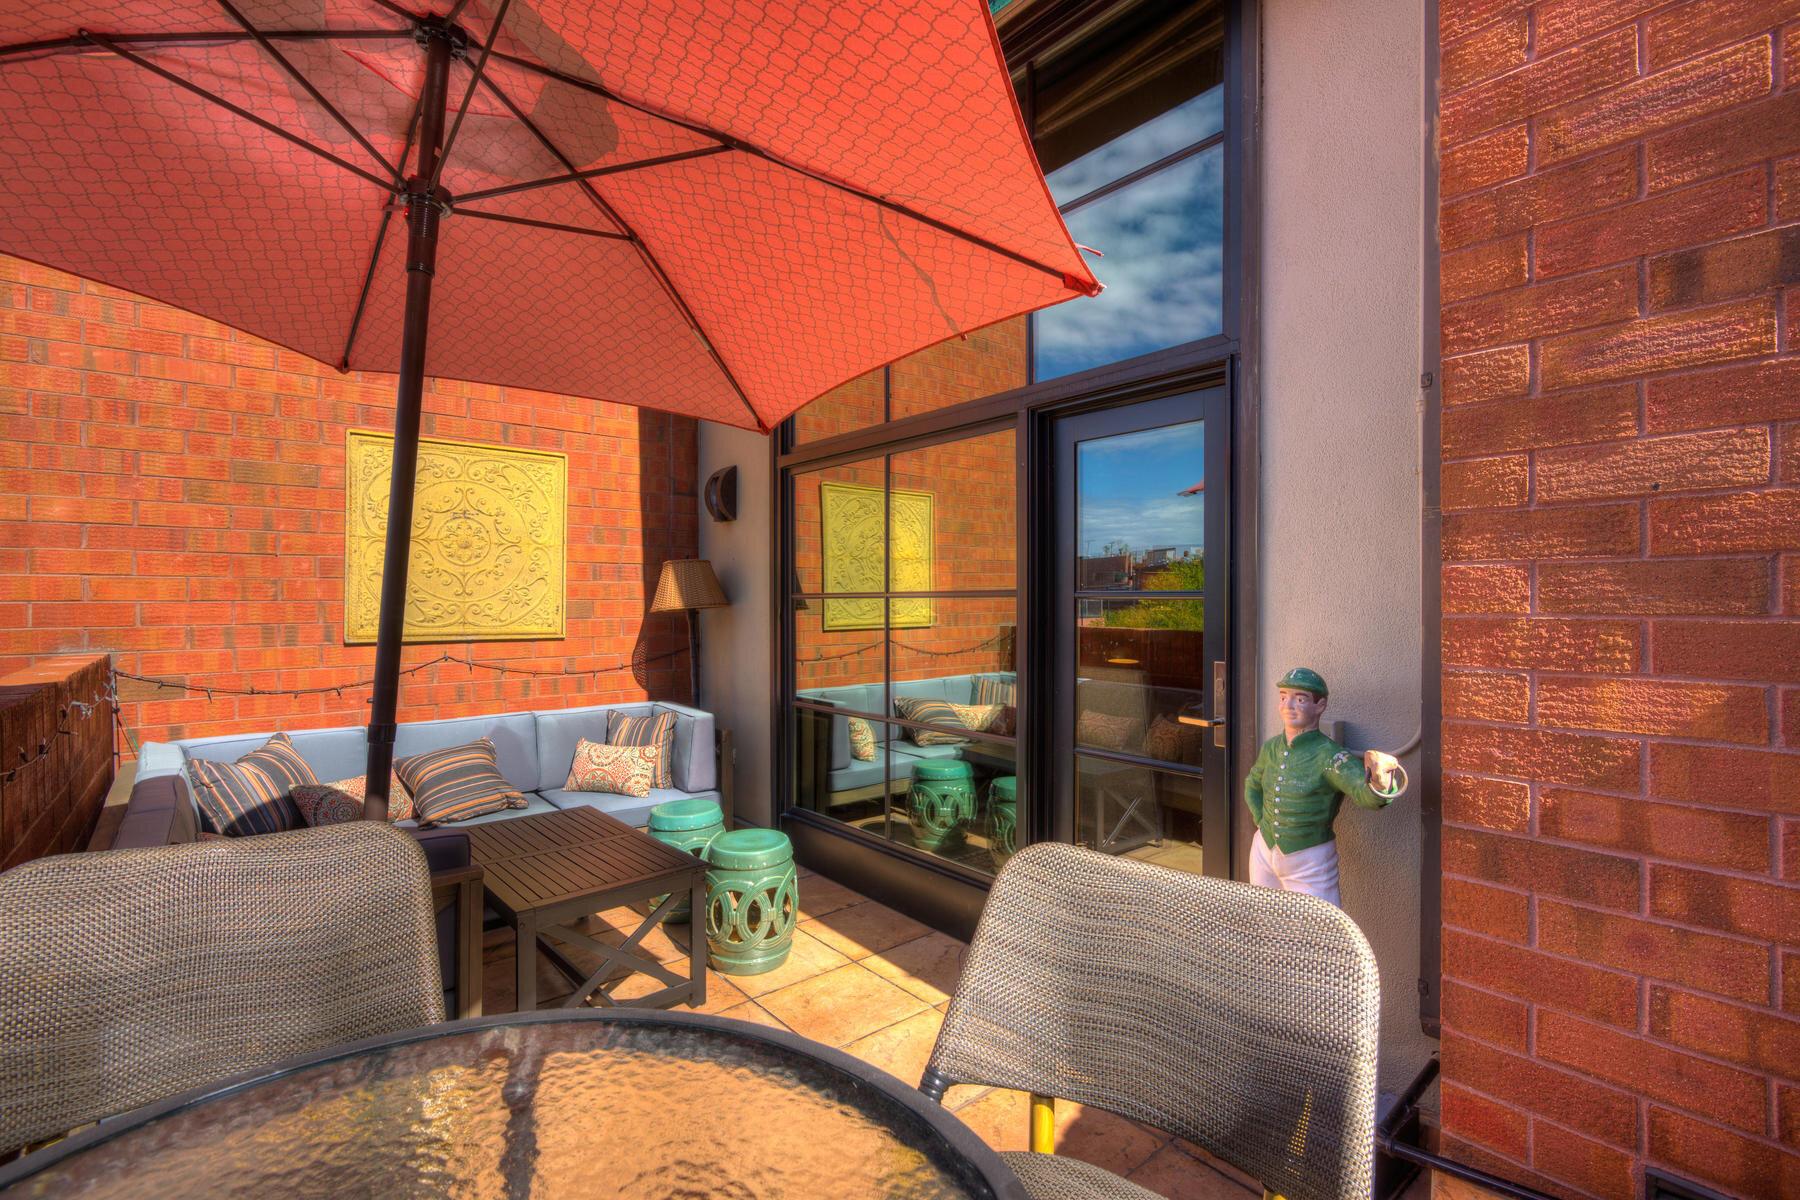 1512 Larimer Street-017-011-Exterior-MLS_Size.jpg